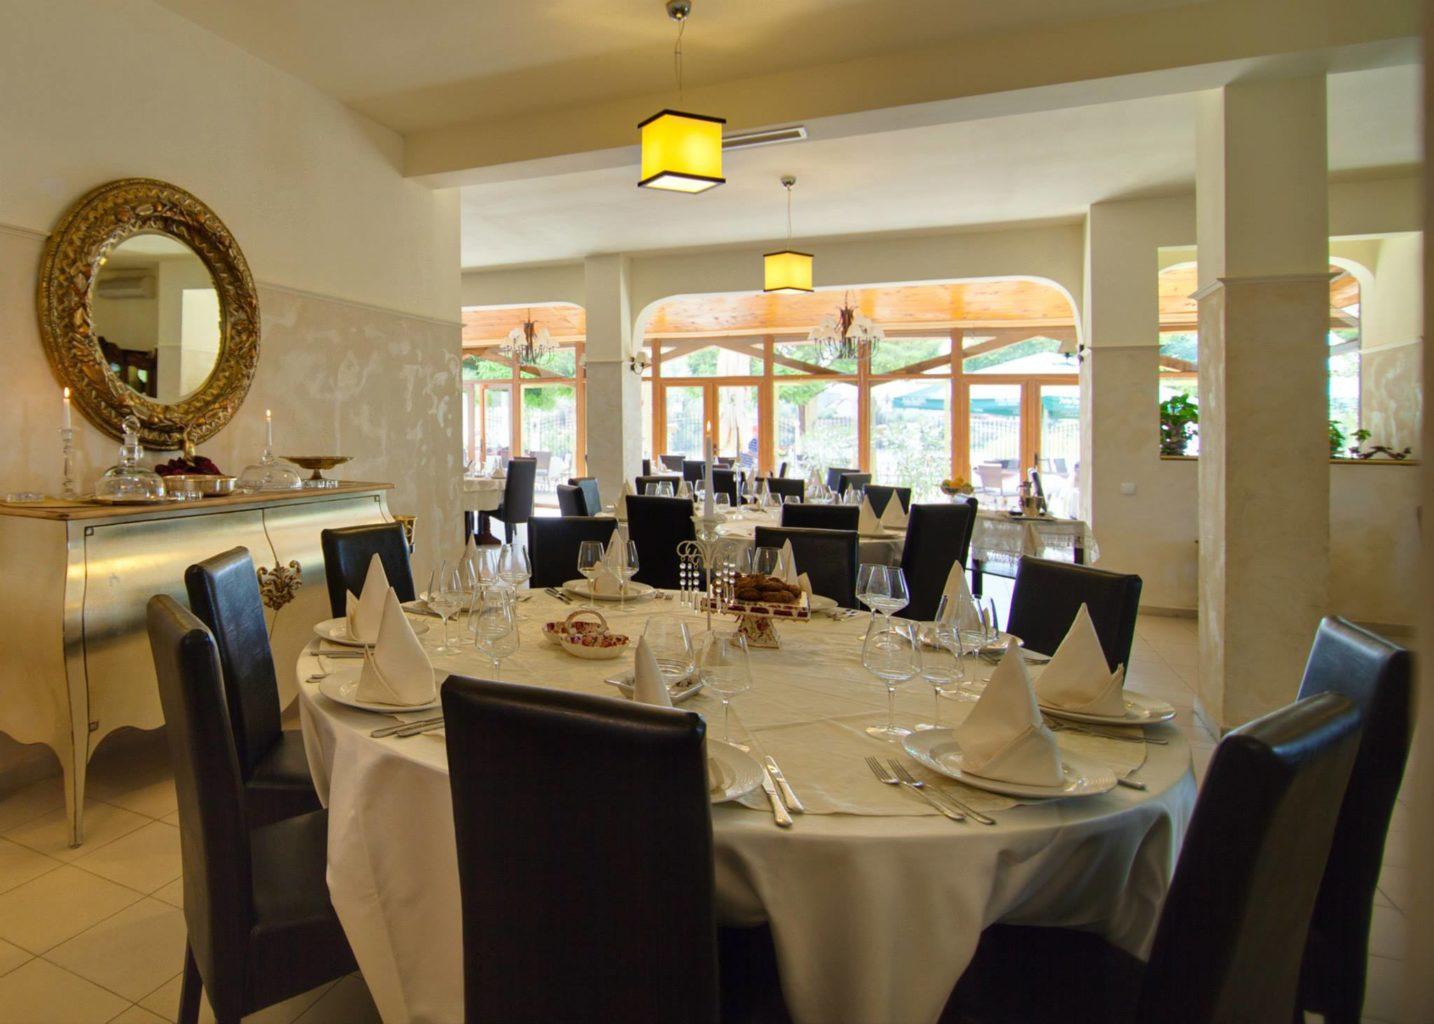 imagine din amvrosia restaurant cu specific grecesc, cu o masa mare rotunda cu fata de masa alba, scaune tapitate albastre, o oglinda aurie in stanga, pe perete si in fundal alte mese si un perete din sticla, catre terasa